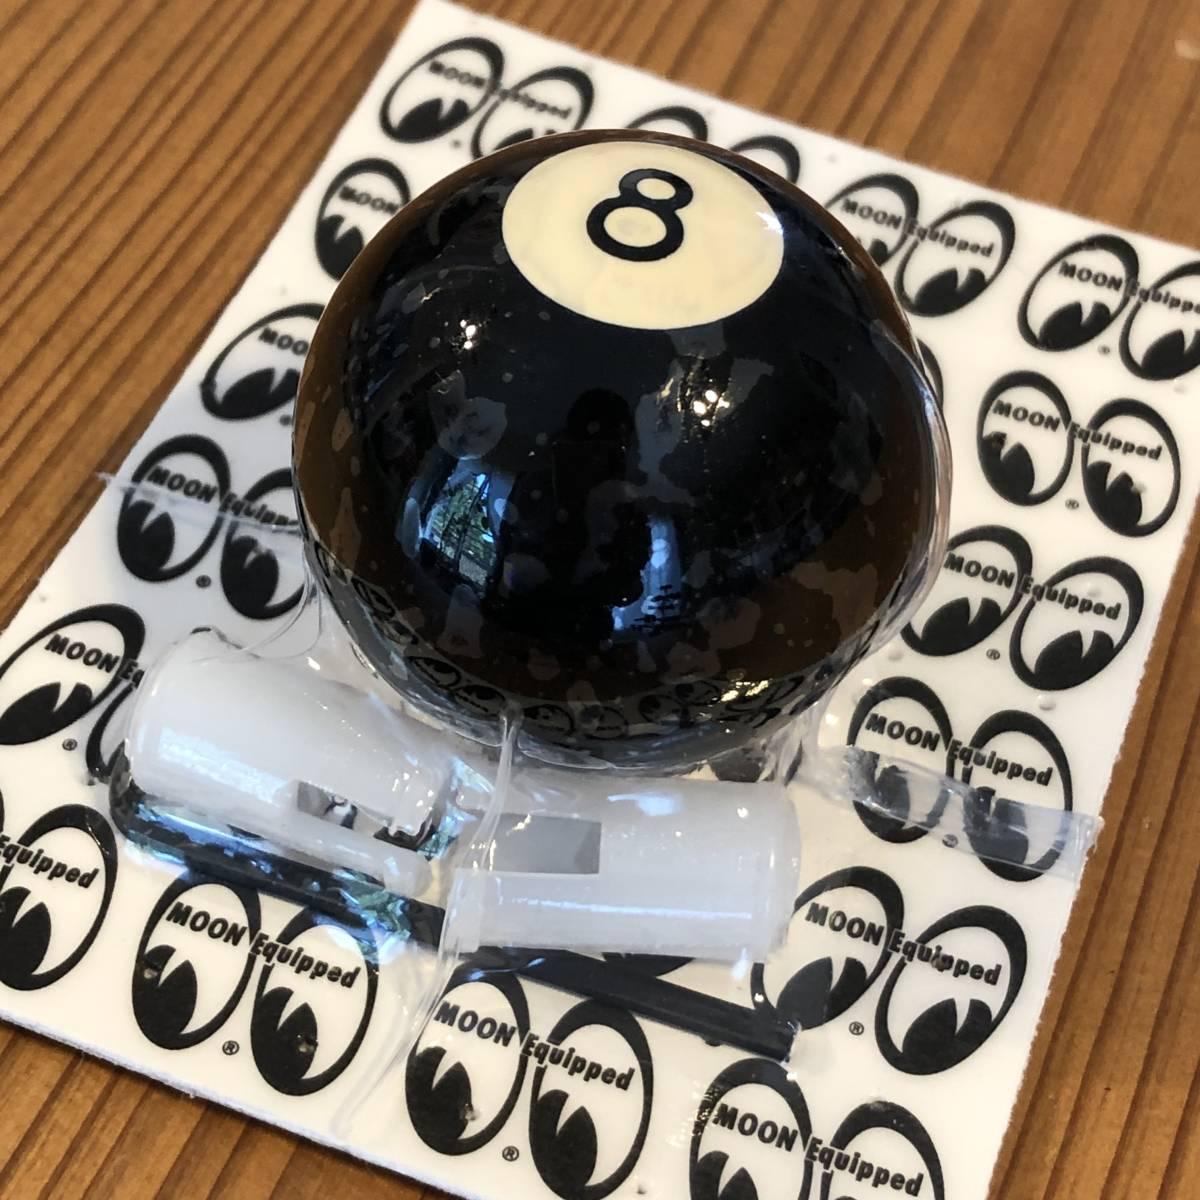 黒 ブラック シフトノブ 8ボール Sサイズ 直径3.5cm mooneyes 好きな方に moon eyes ムーンアイズ シフト ノブ アメリカン ずっしり USA_画像1